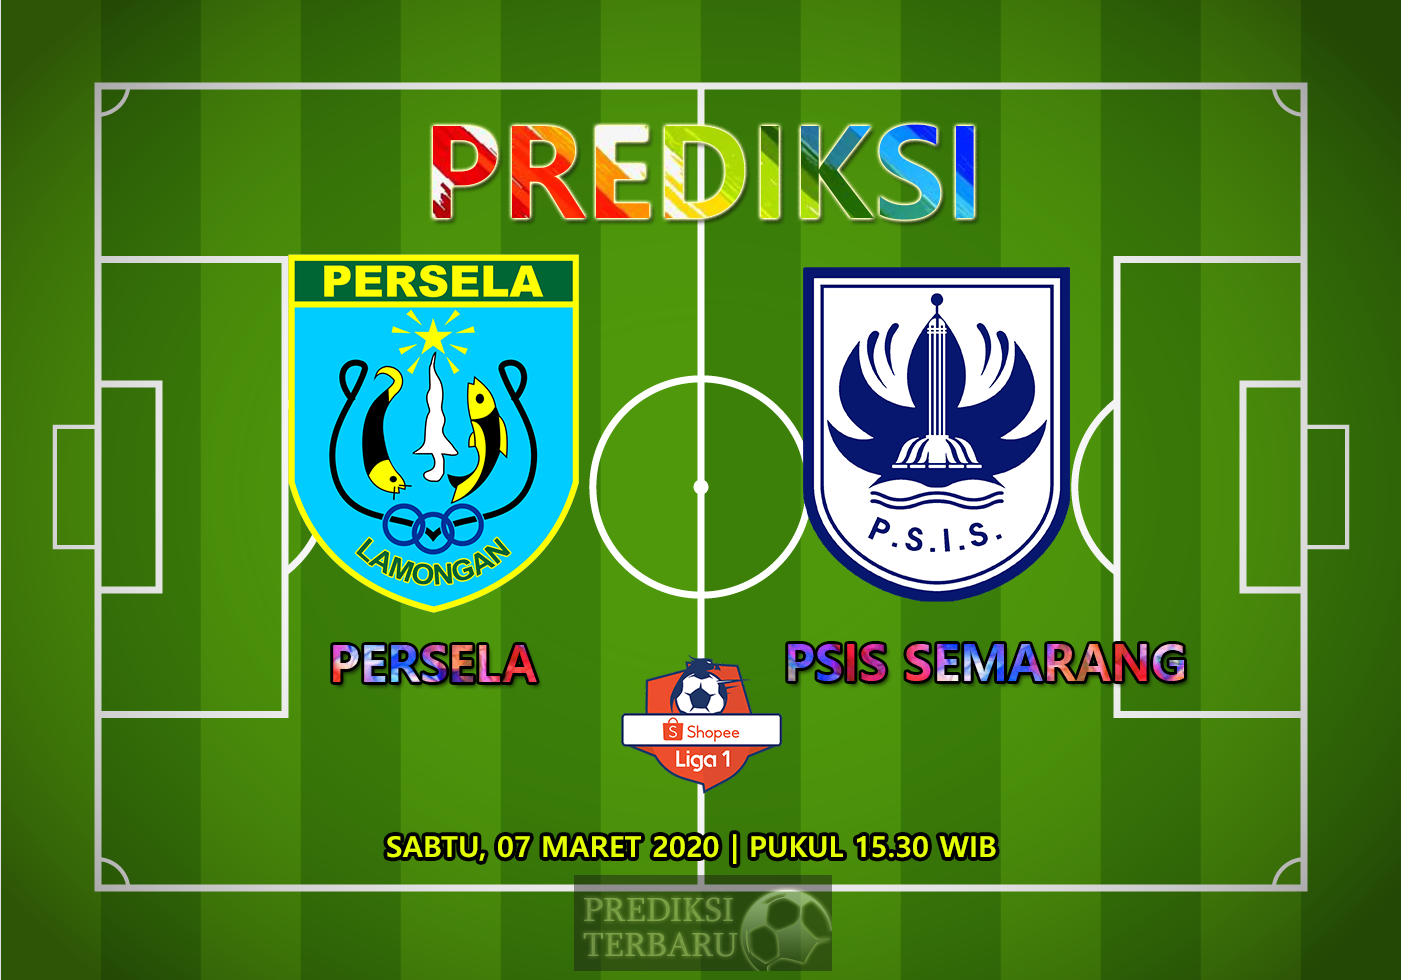 Prediksi Persela Vs PSIS Semarang Sabtu 07 Maret